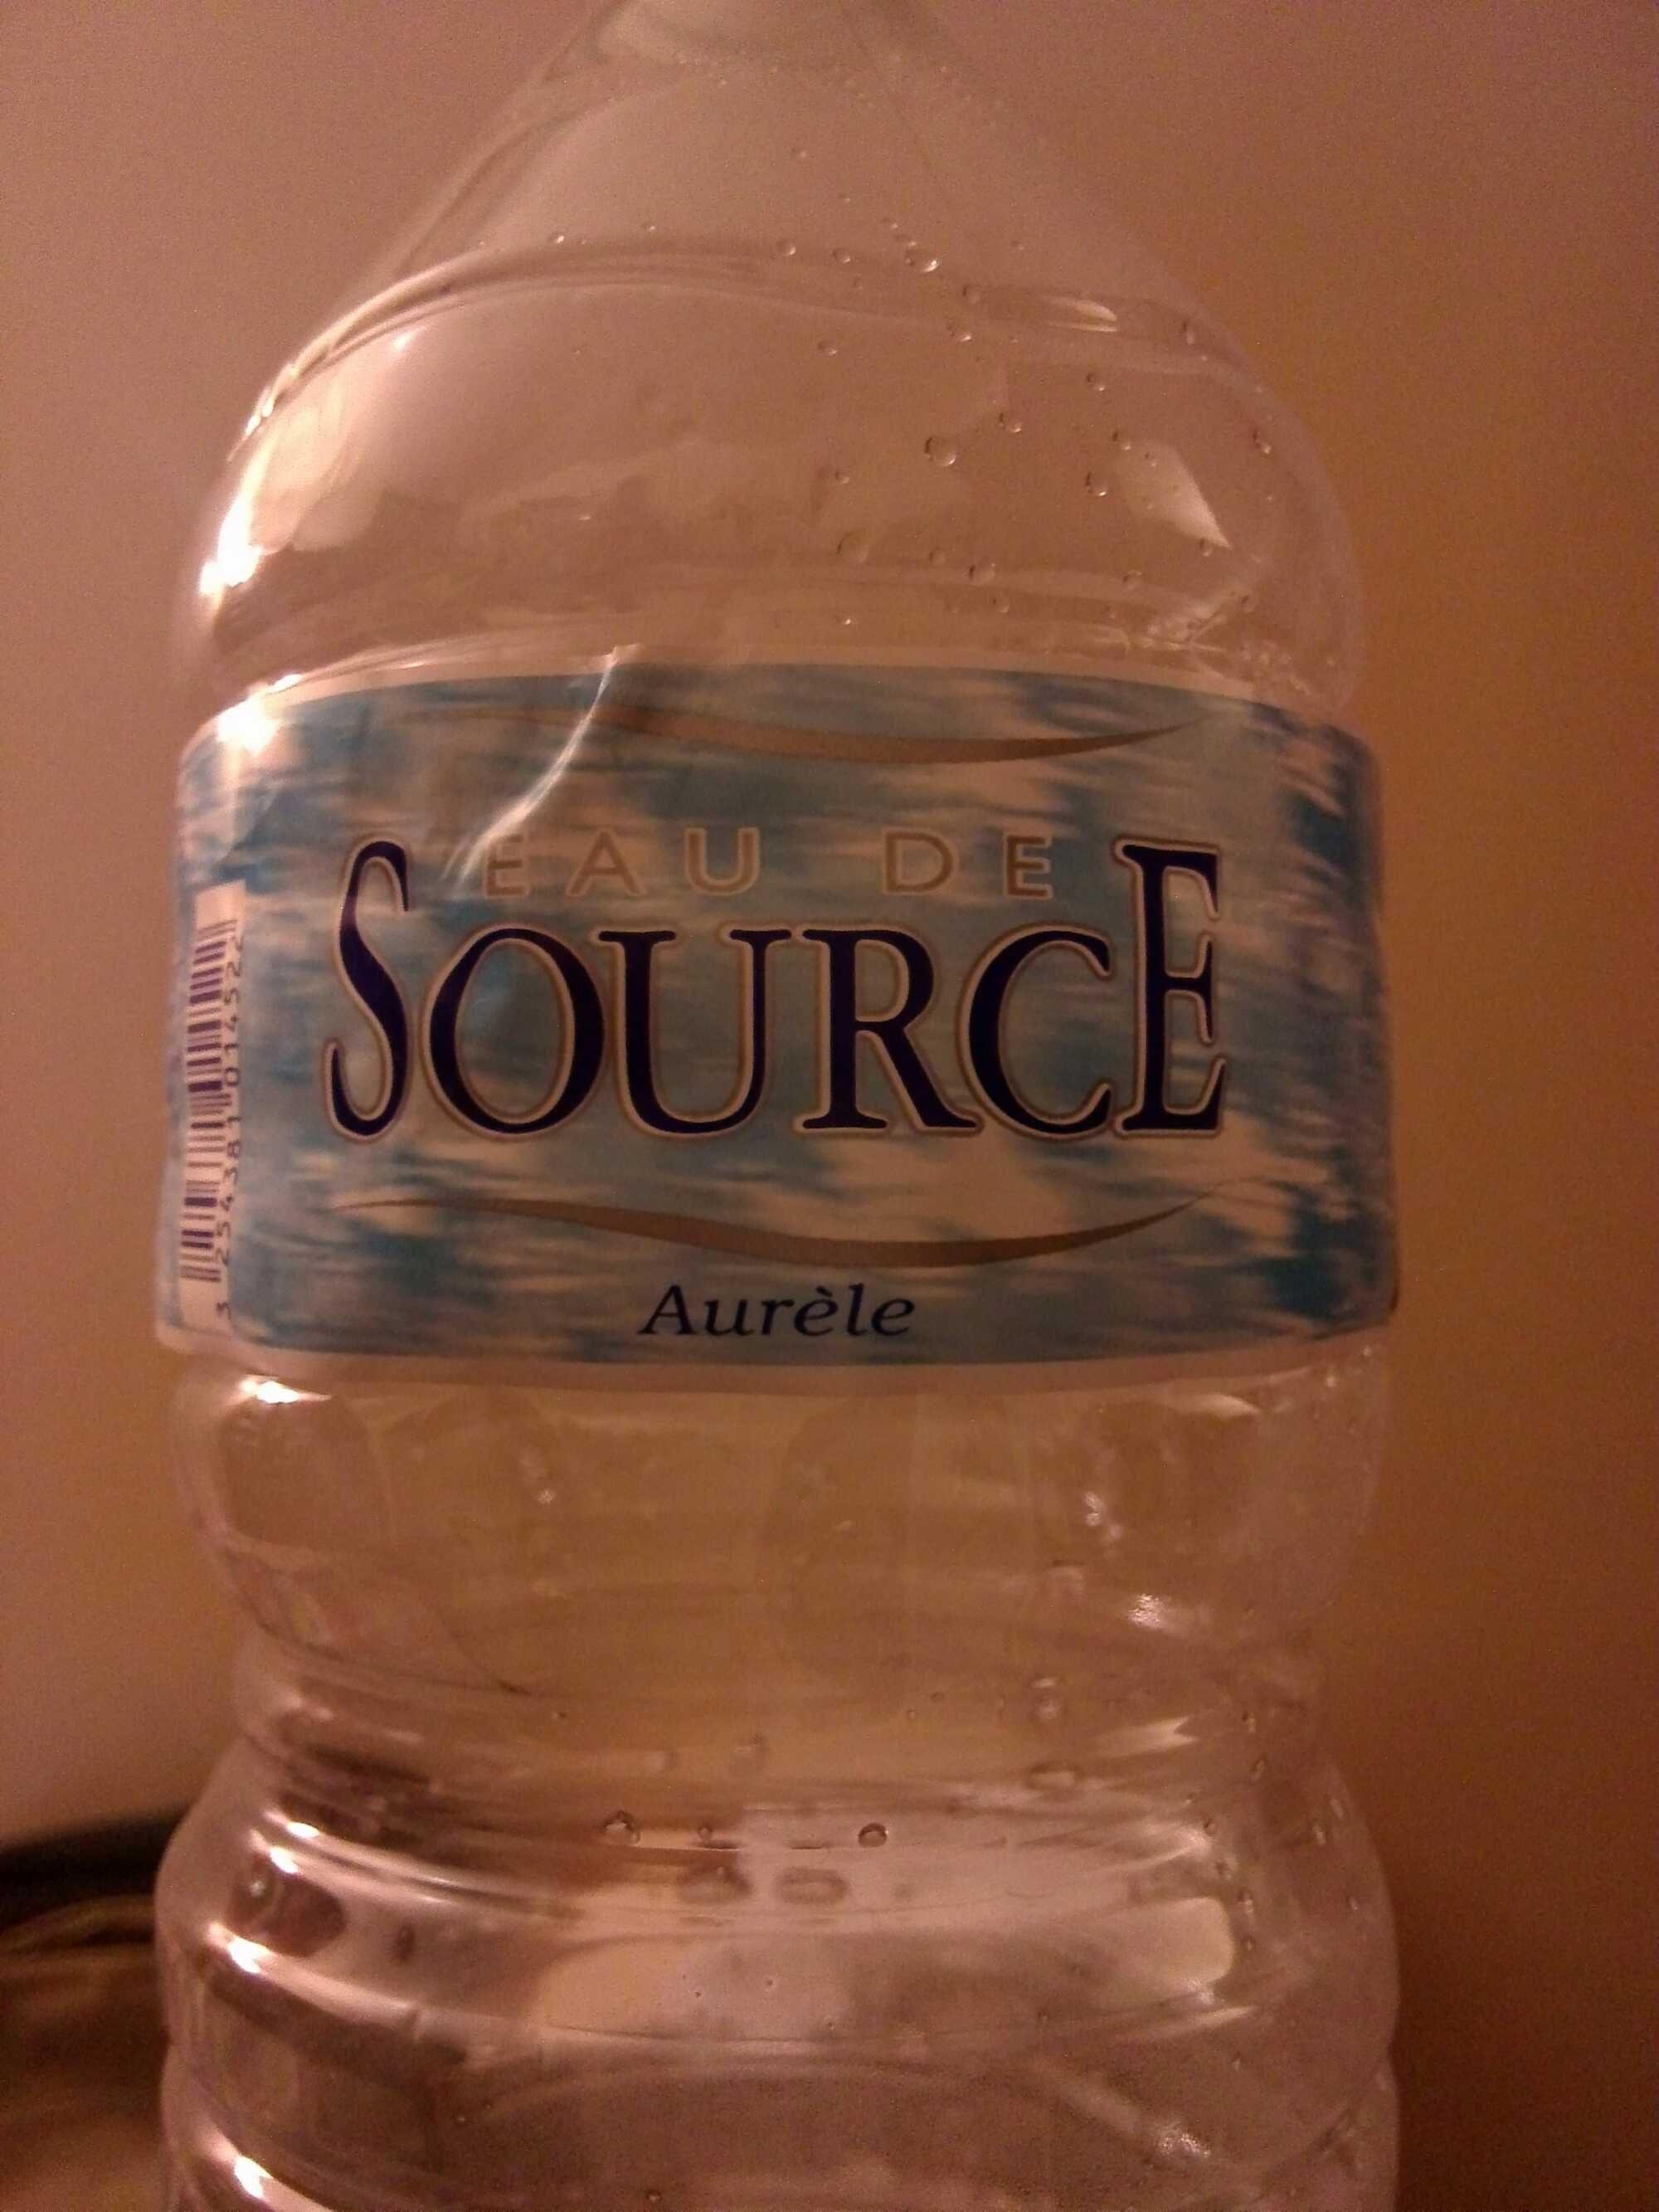 Eau de source - Product